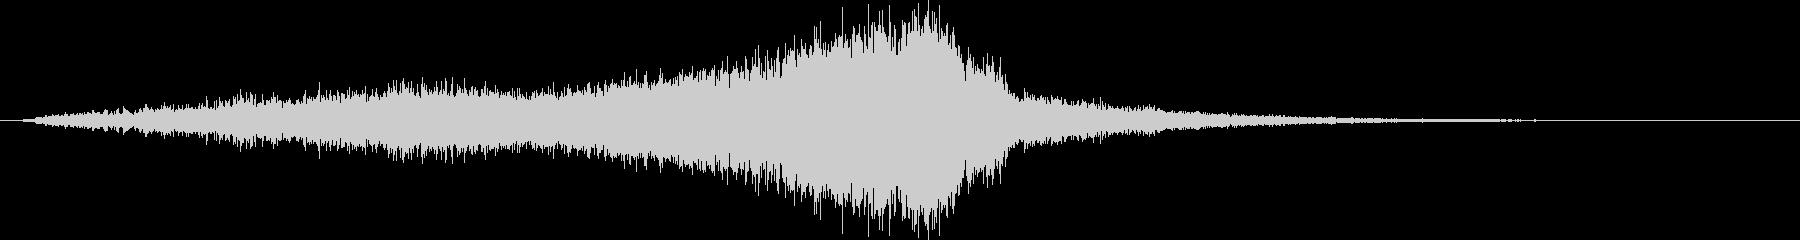 ホラーやサスペンスで使える効果音 2の未再生の波形